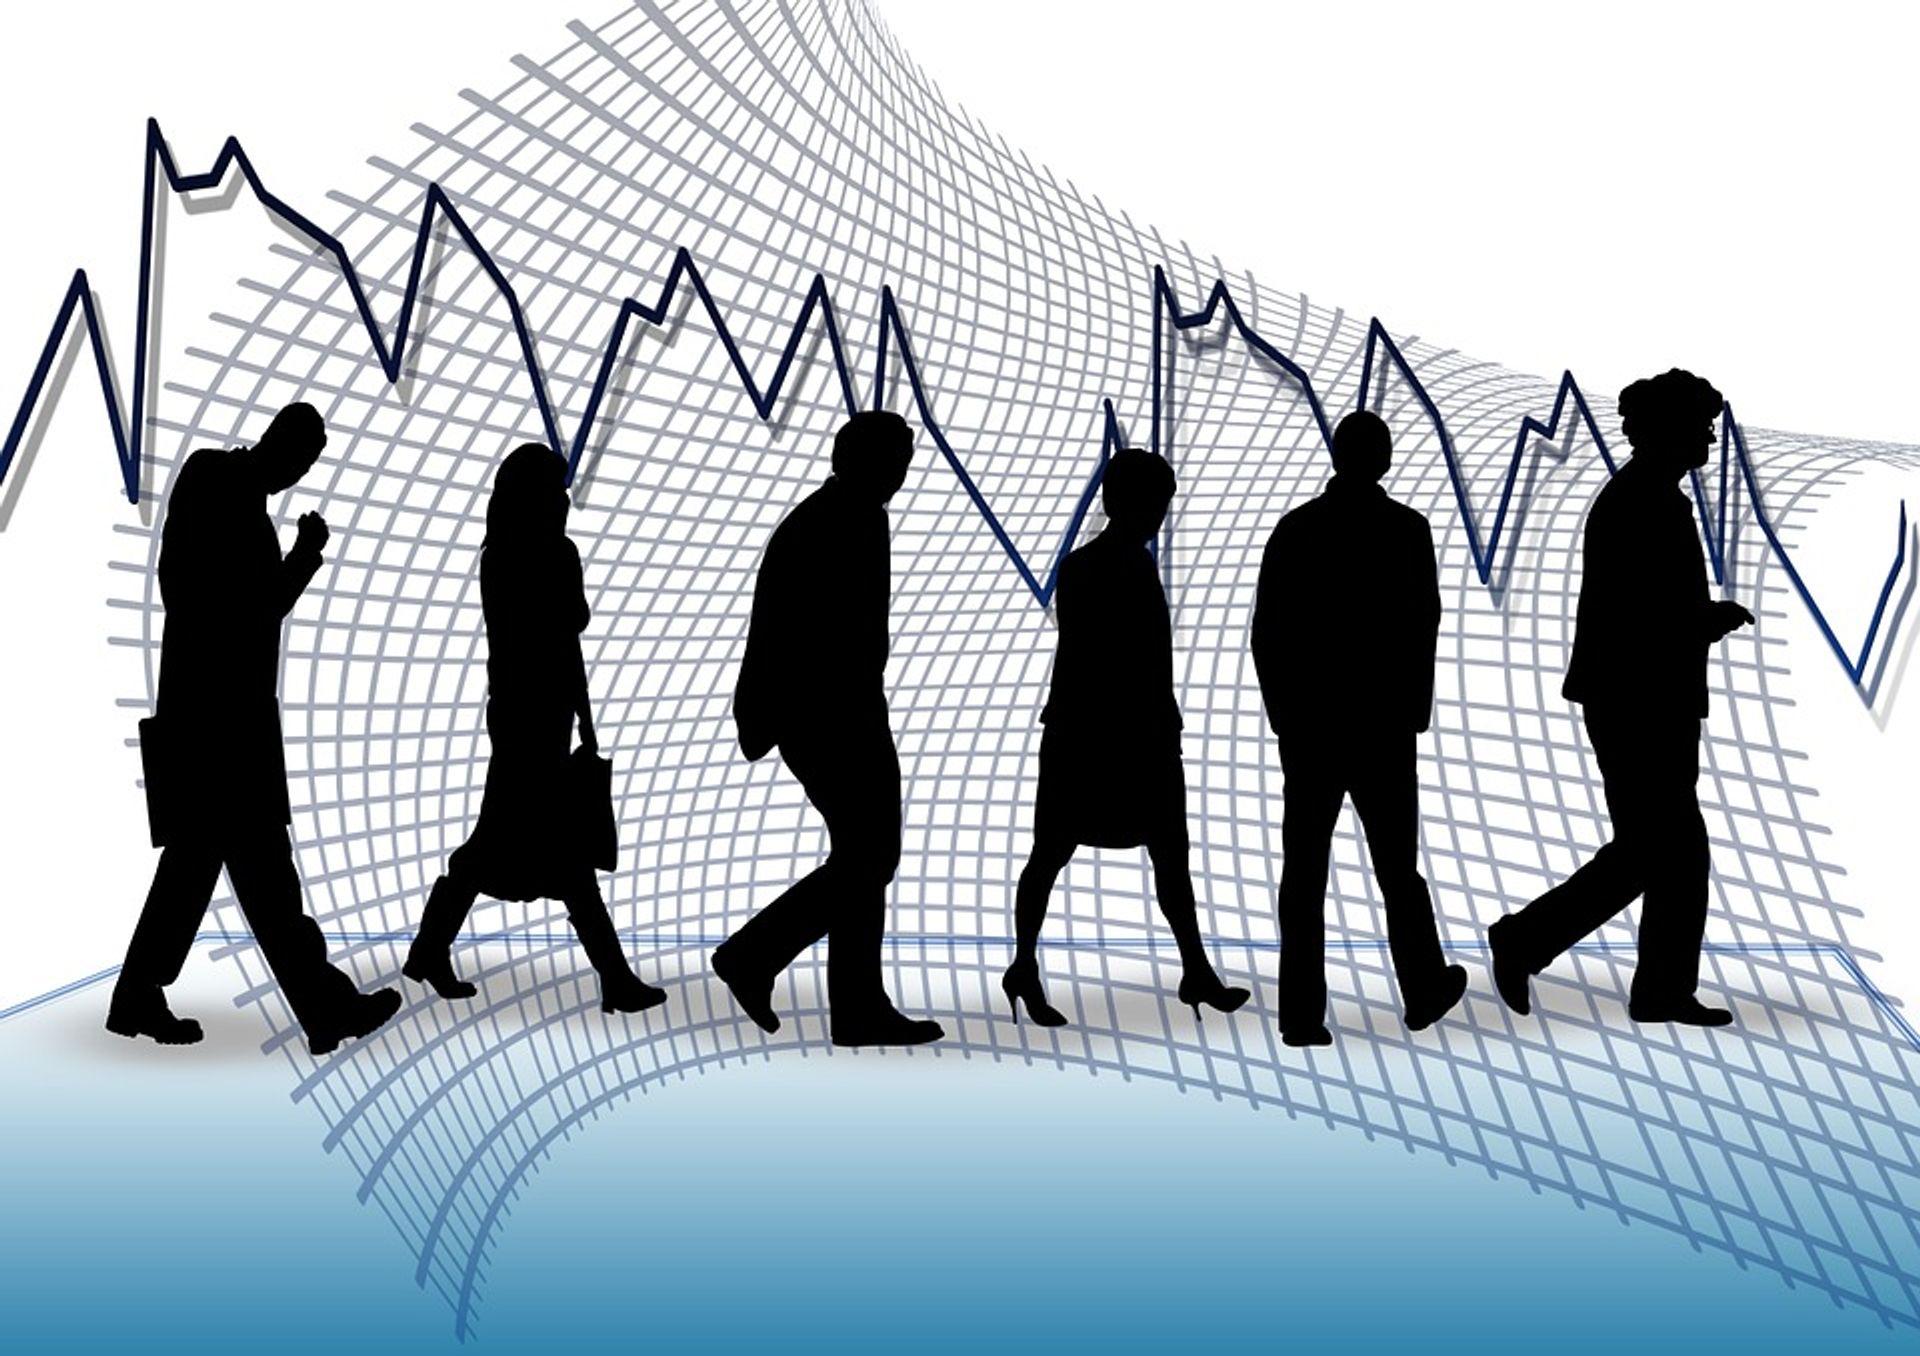 [Dolny Śląsk] Rekordowo niski poziom bezrobocia na Dolnym Śląsku